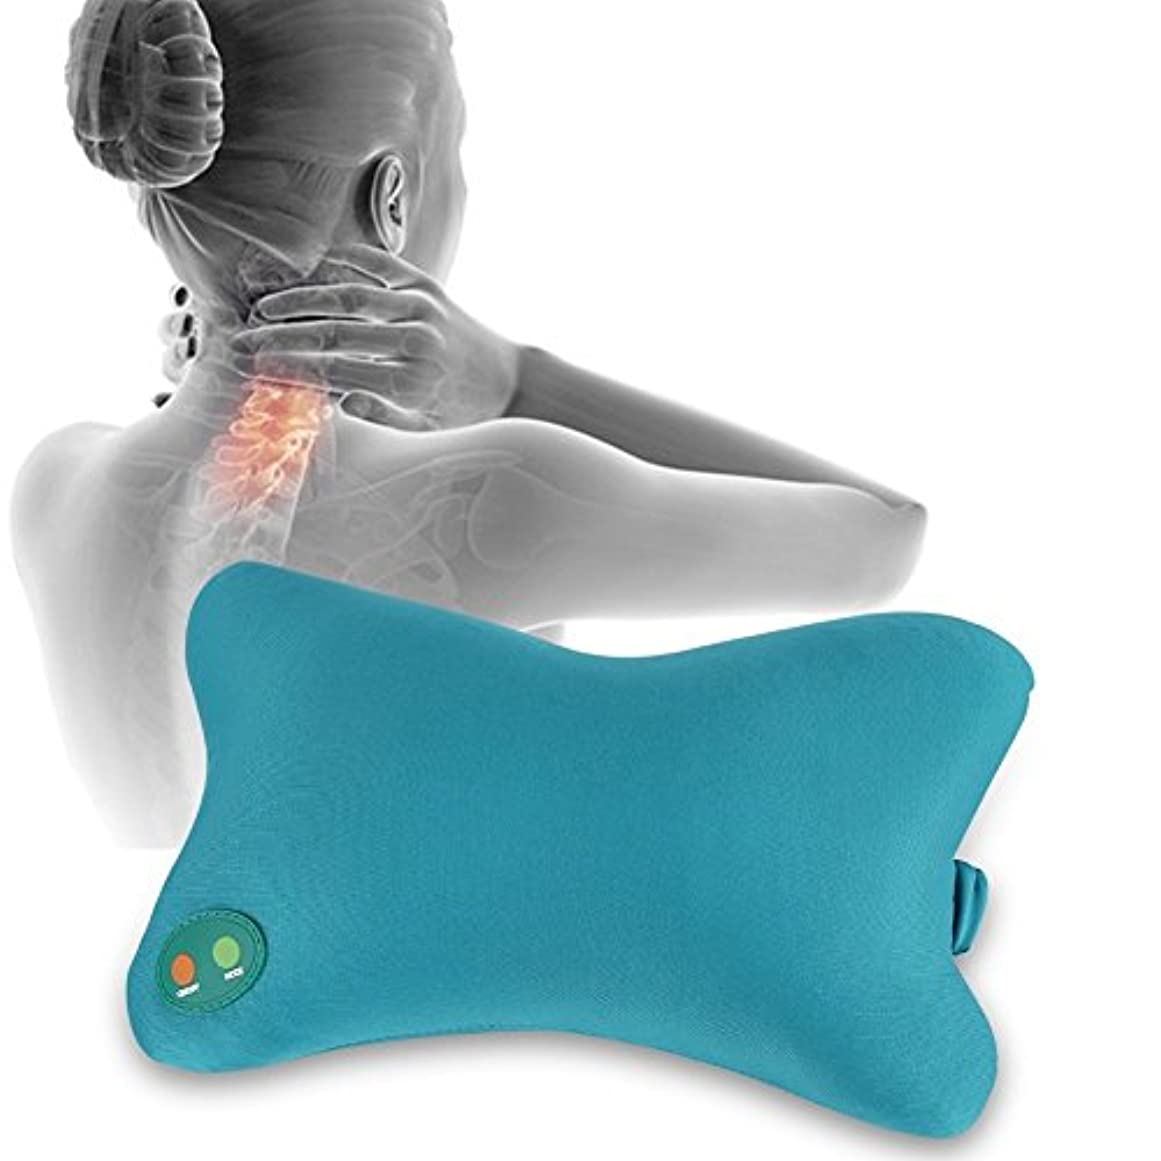 狂うランチ飢饉マッサージピロー、背中の痛みを軽減するための柔らかい電気ネックマッサージの刺激のクッション車のオフィスホームナップの使用、CEの承認